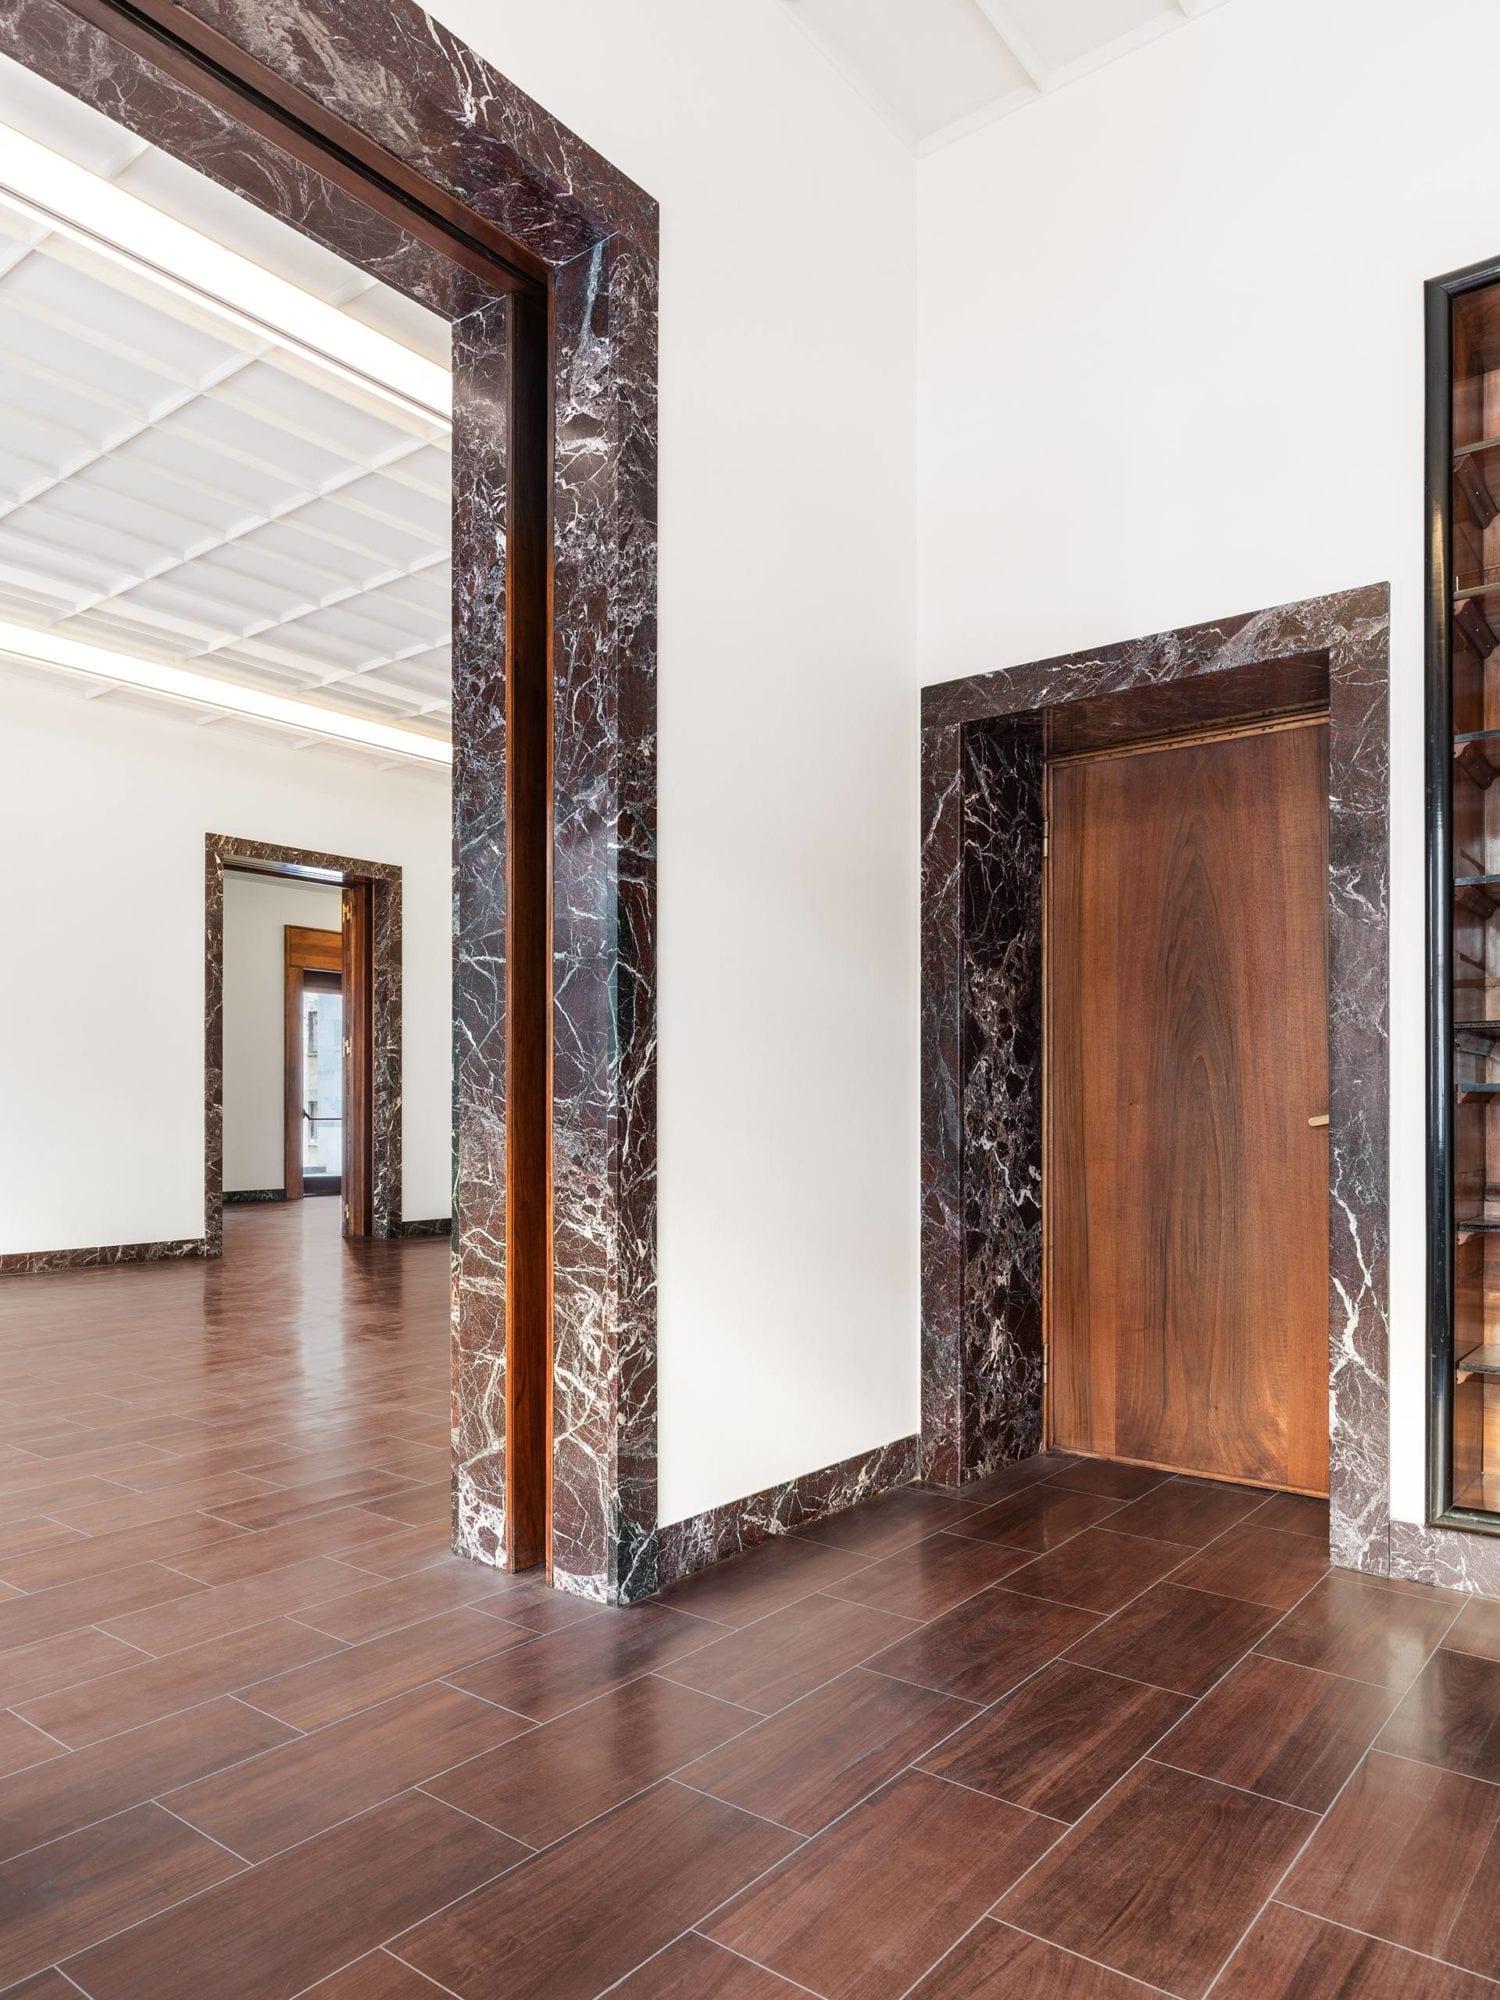 1930s Piero Portaluppi Milan Apartment Transformed Into Massimo De Carlo Gallery By Studio Binocle And Antonio Citterio Yellowtrace 08